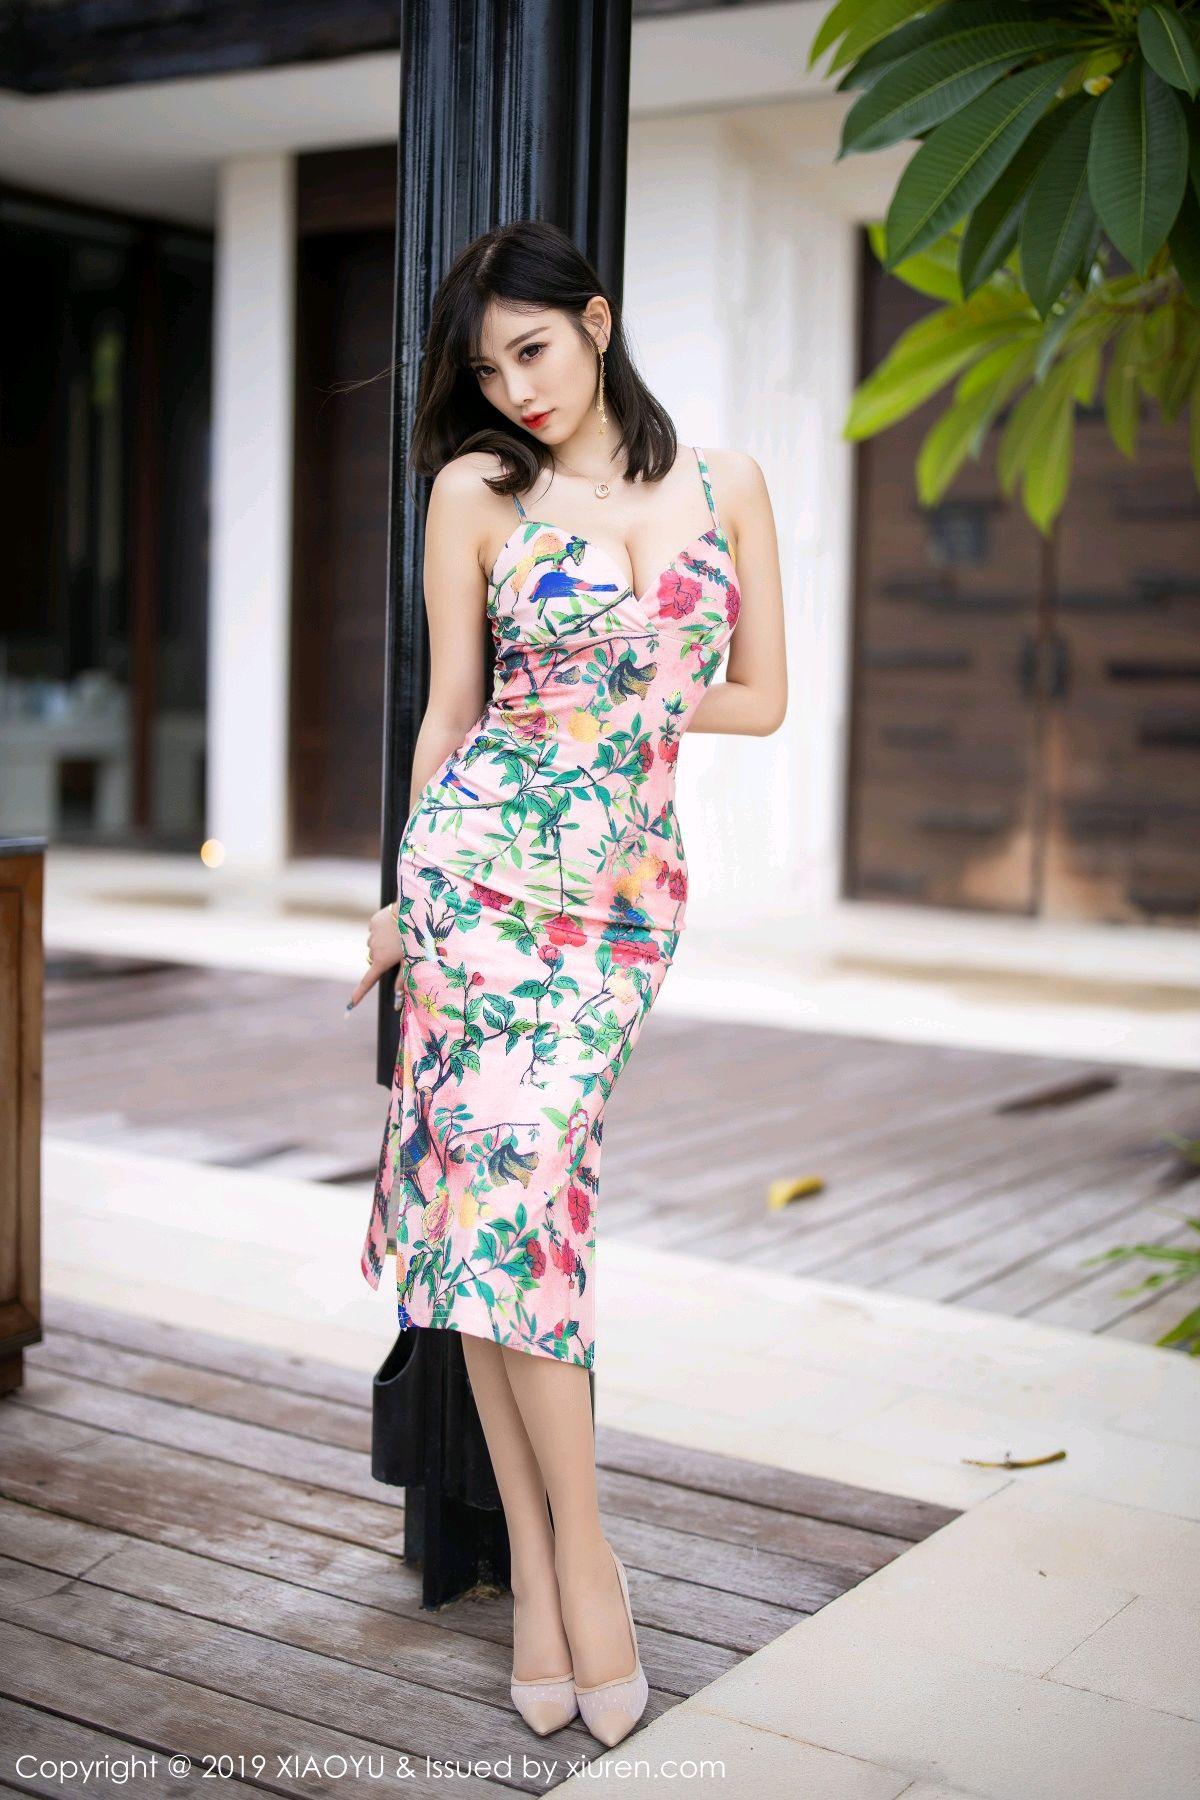 [XiaoYu] Vol.194 Yang Chen Chen 6P, Bikini, XiaoYu, Yang Chen Chen